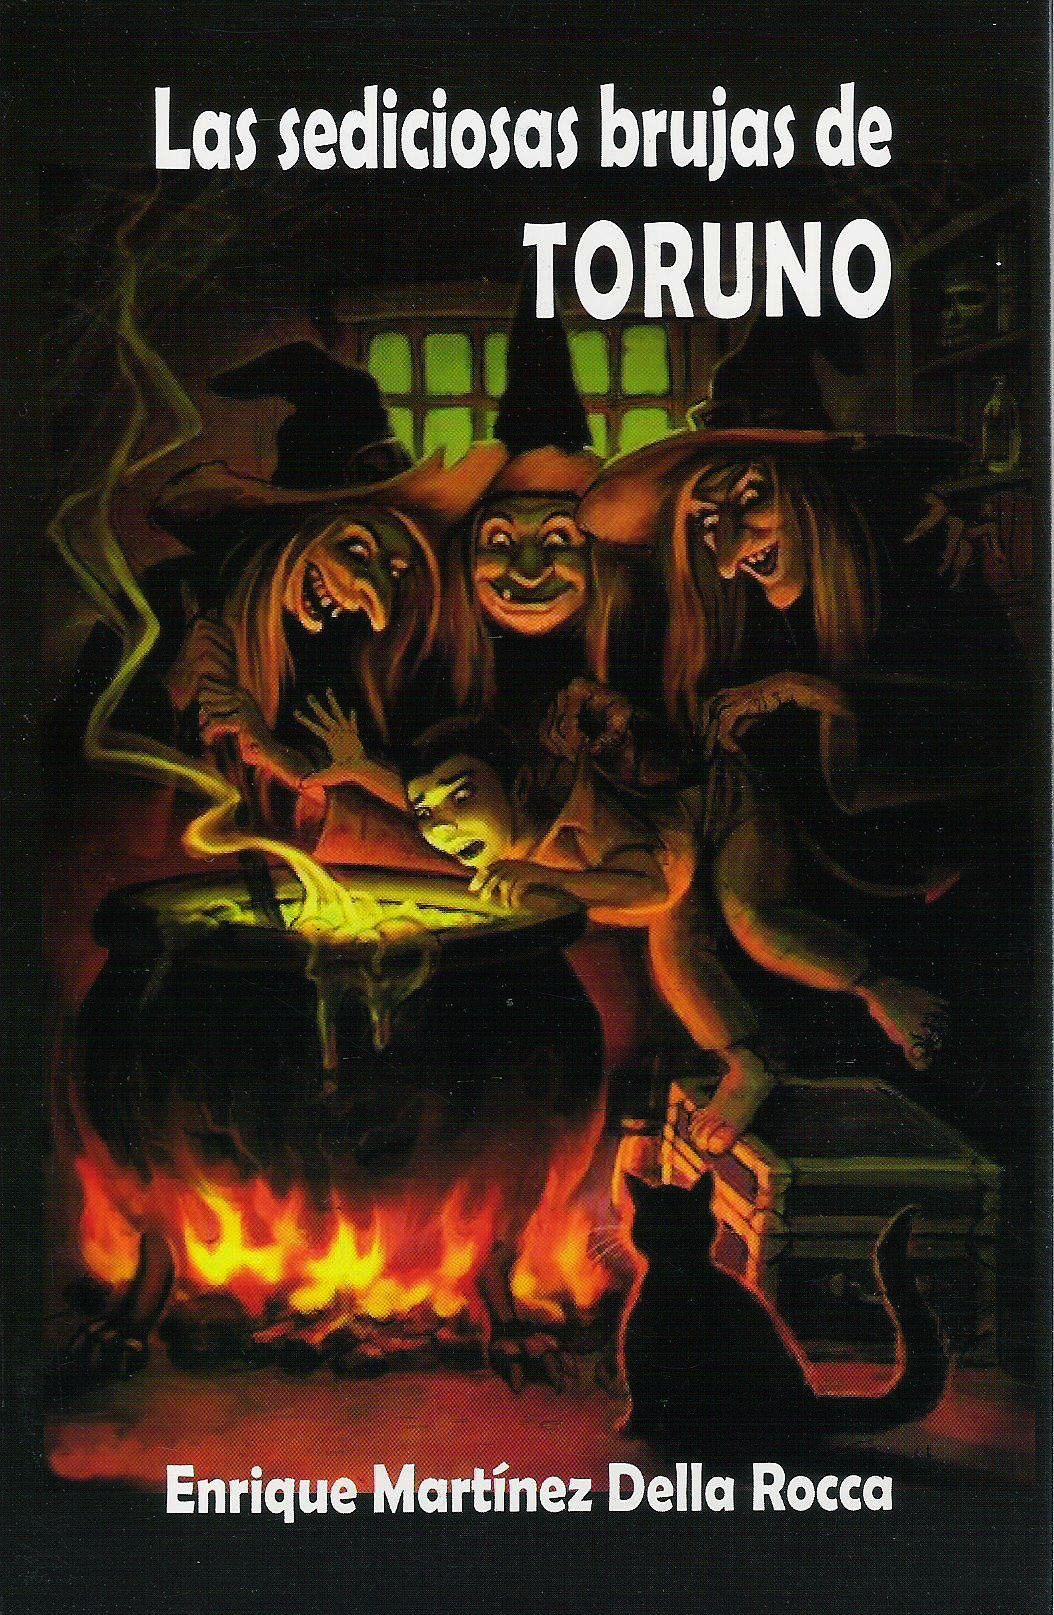 Las sediciosas brujas de Toruno